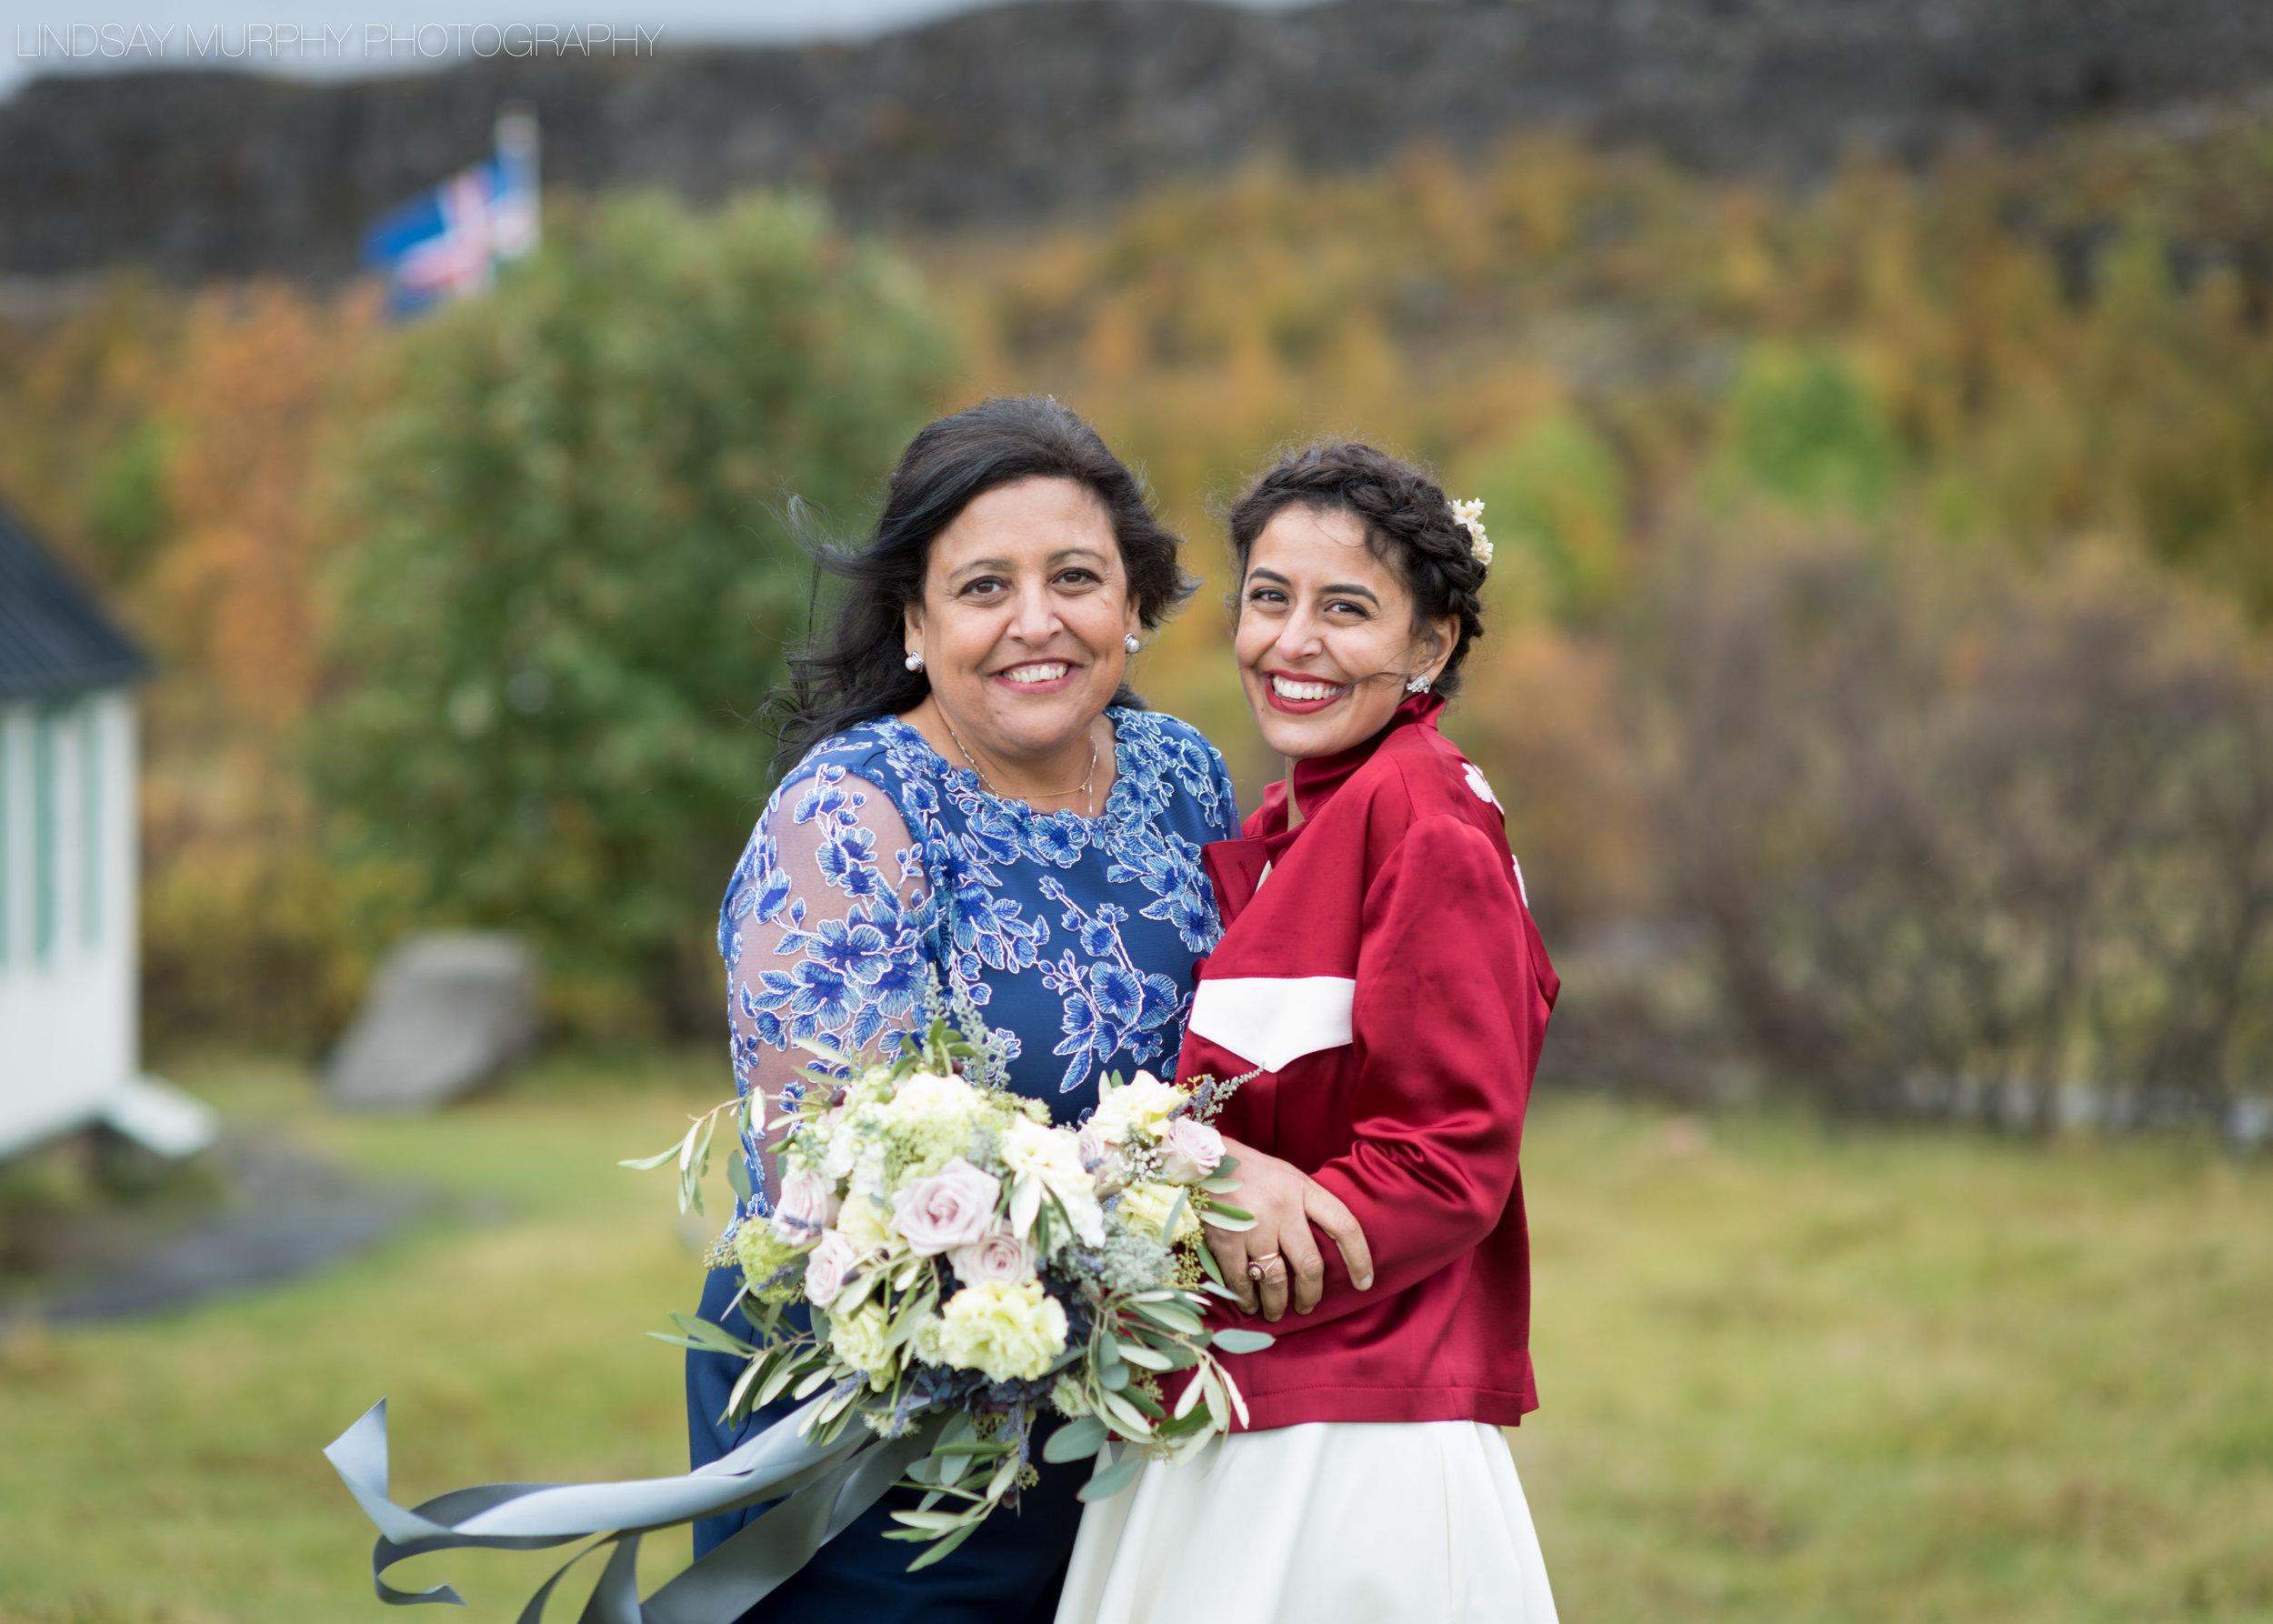 Destination_Iceland_Adventure_Wedding-271.jpg